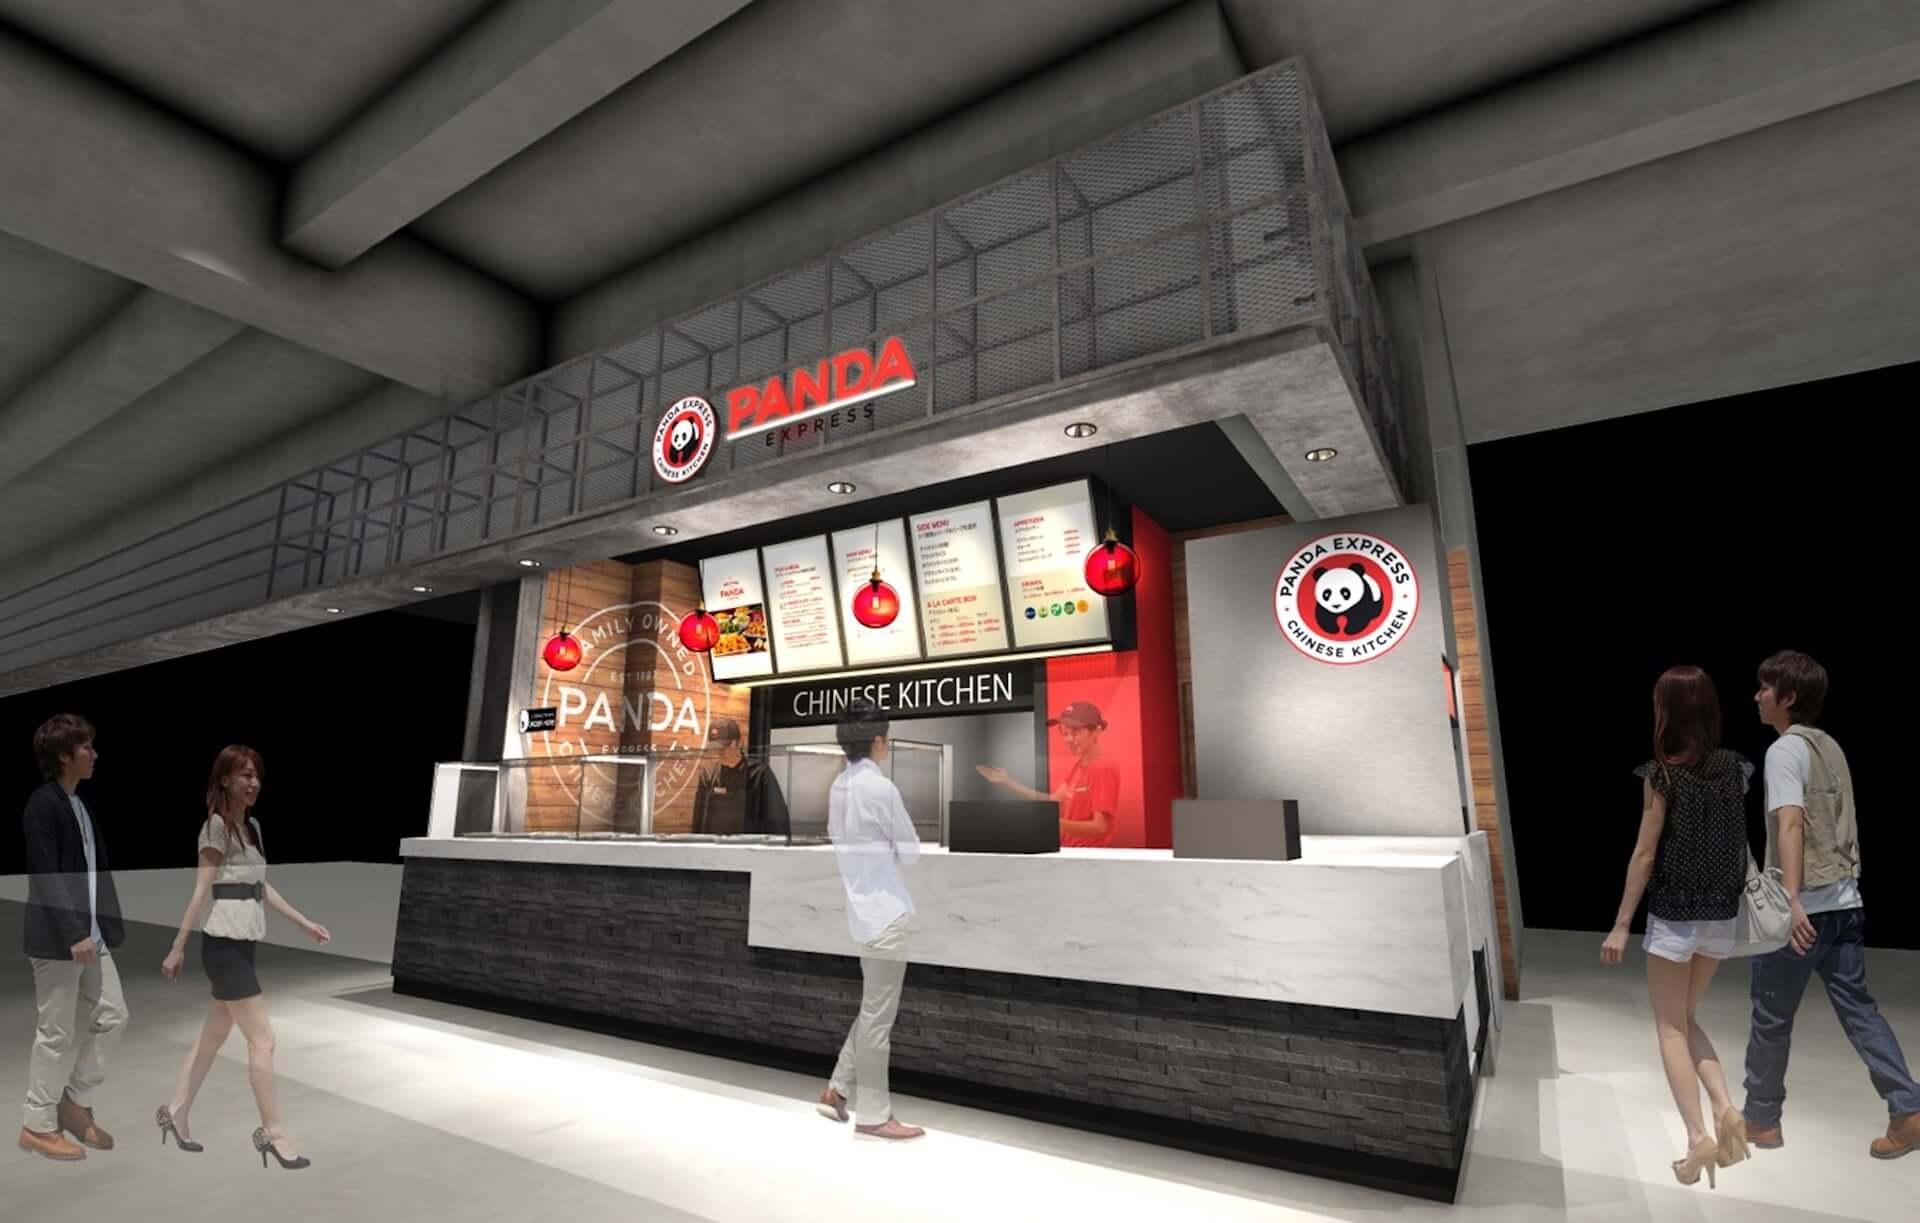 アメリカンチャイニーズレストラン「PANDA EXPRESS」が渋谷「RAYARD MIYASHITA PARK」にオープン決定!数量限定クーポンも配布 gourmet200722_pandaexpress_2-1920x1223